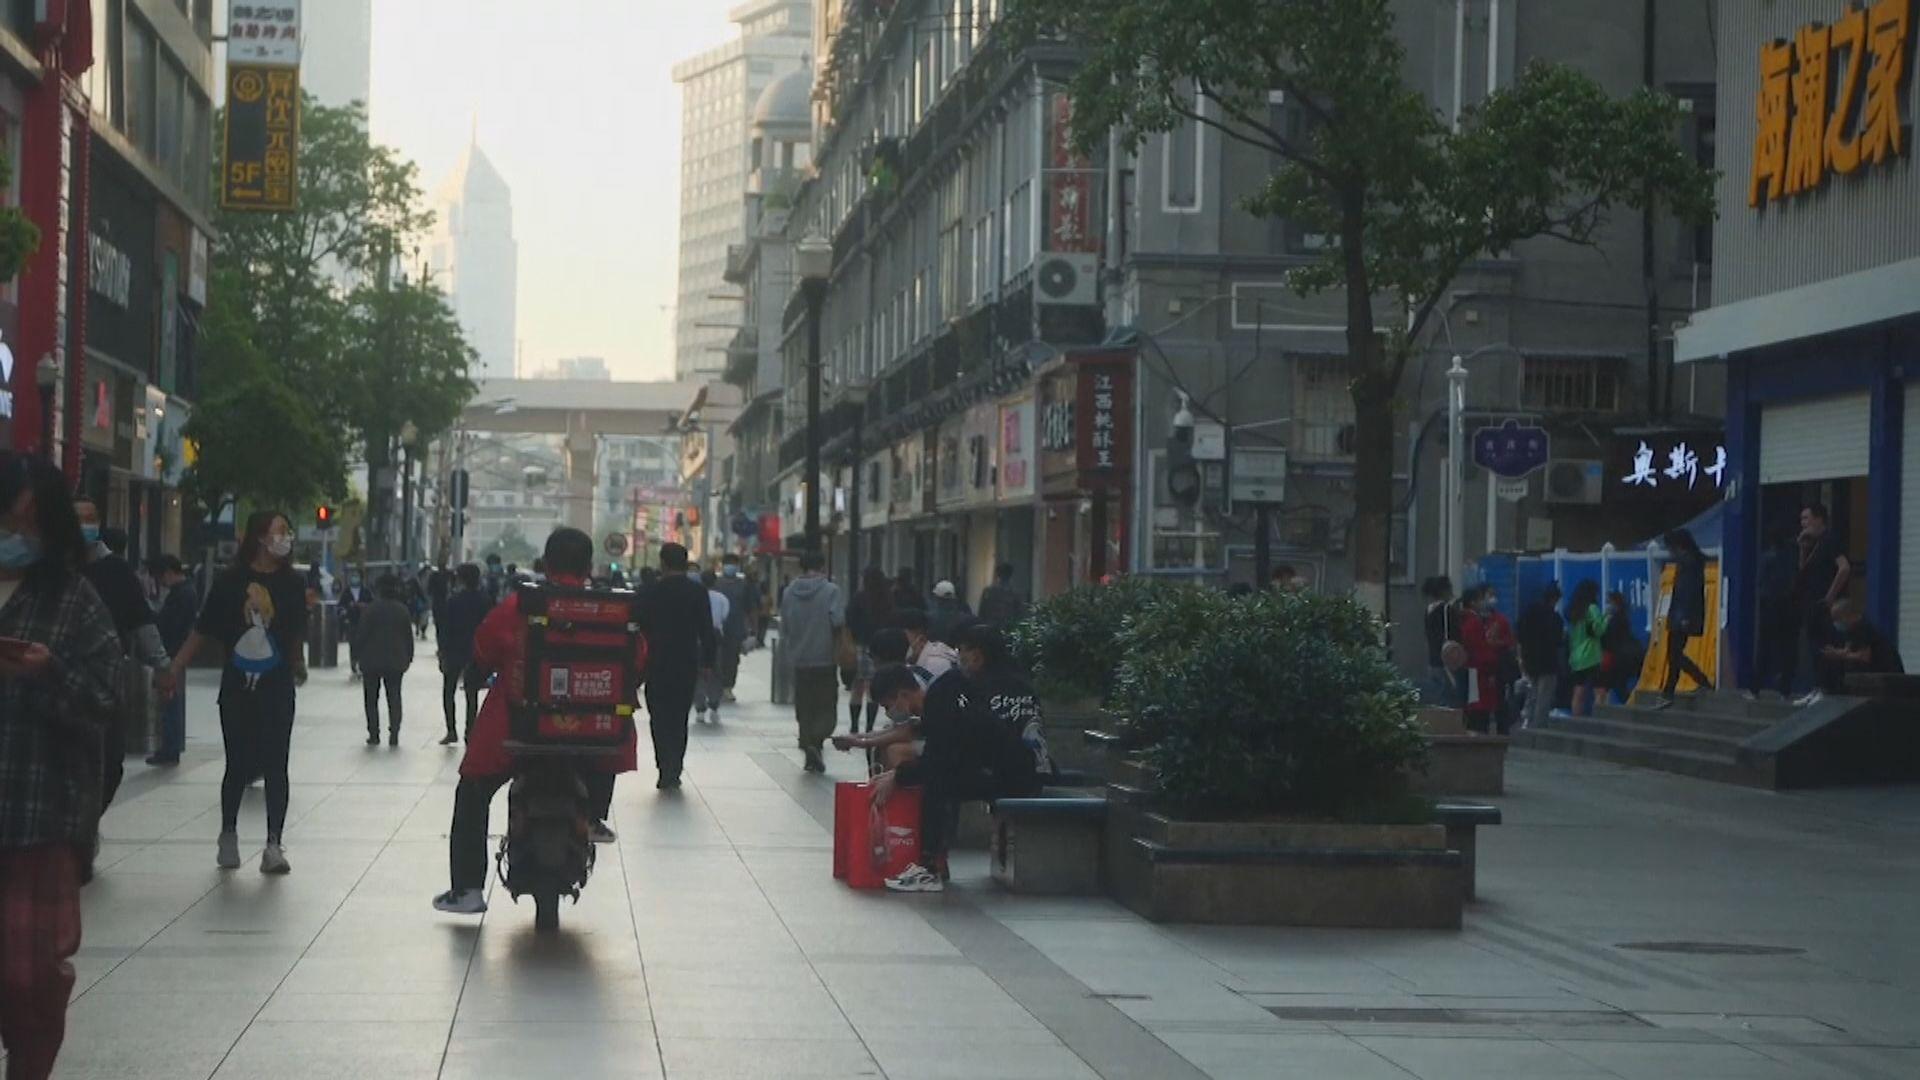 武漢市十日內為所有人做病毒檢測 內媒指或與疫情反彈有關